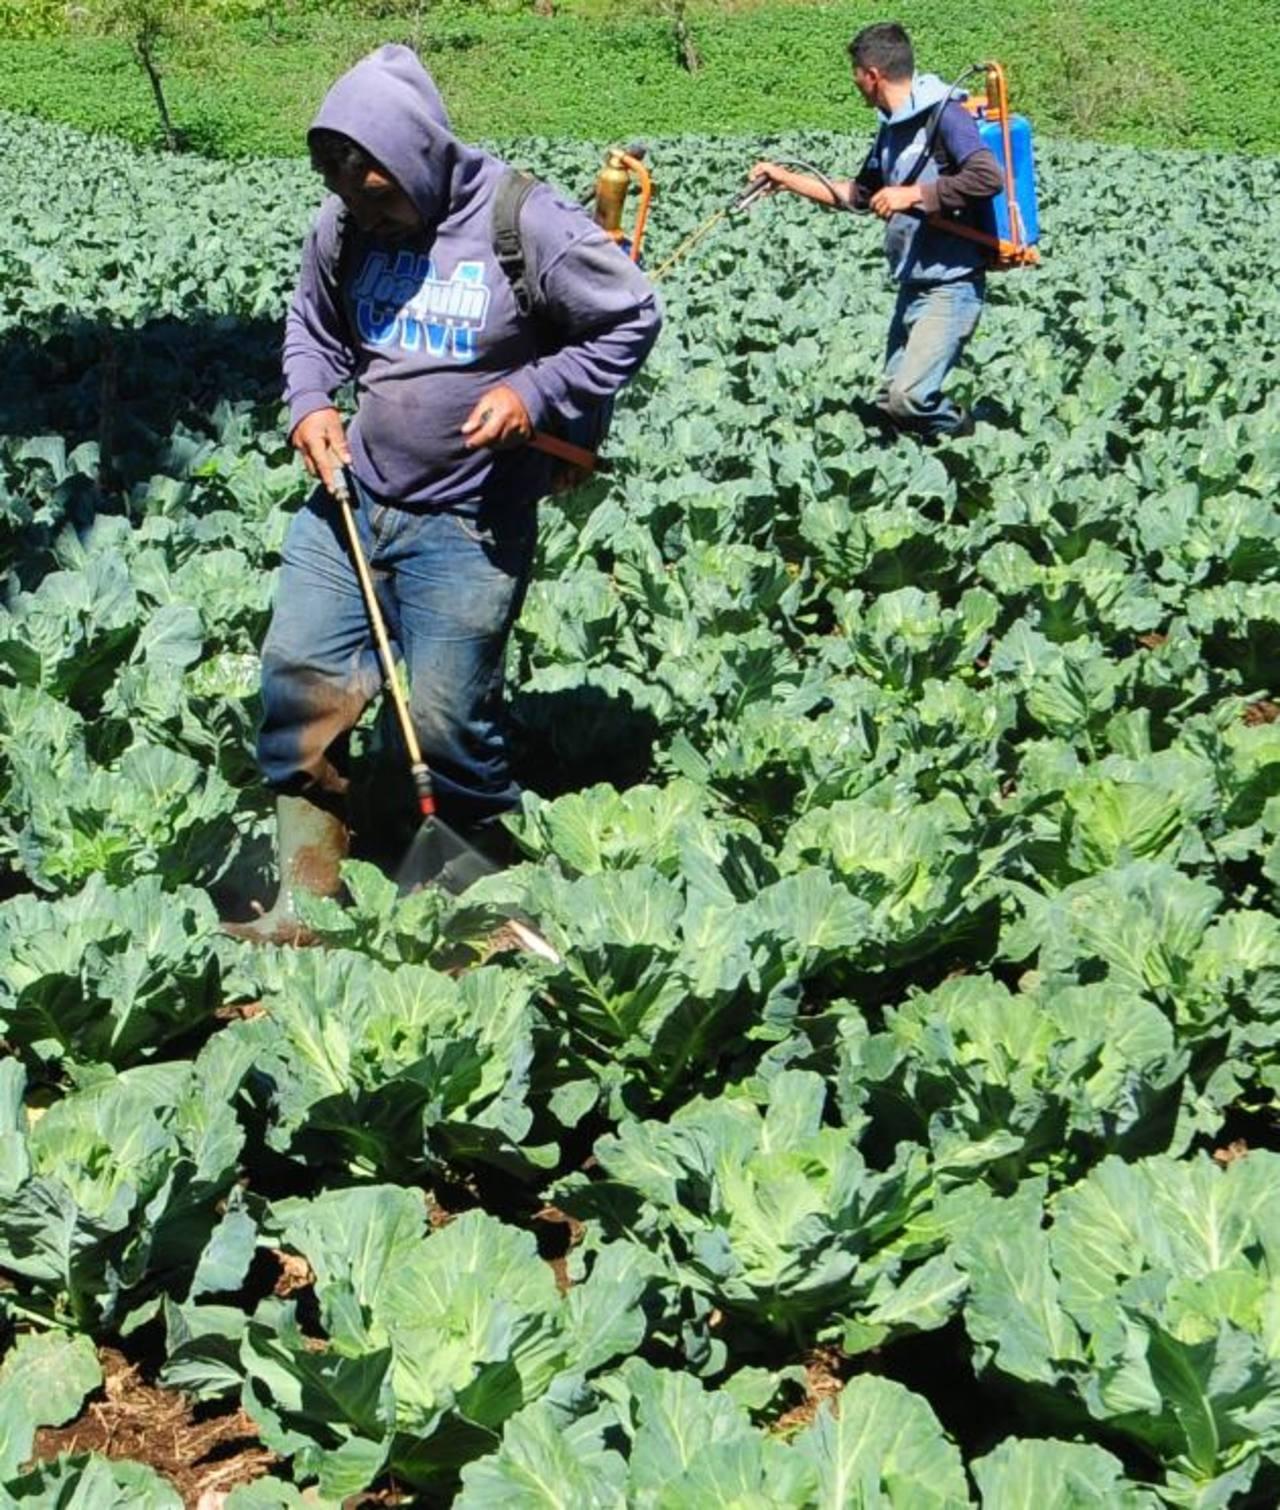 Los sembradíos brindan una vista espectacular. Las hortalizas que más se cultivan son el repollo y la lechuga. Los hostales ofrecen a los turistas recorridos por los cultivos.